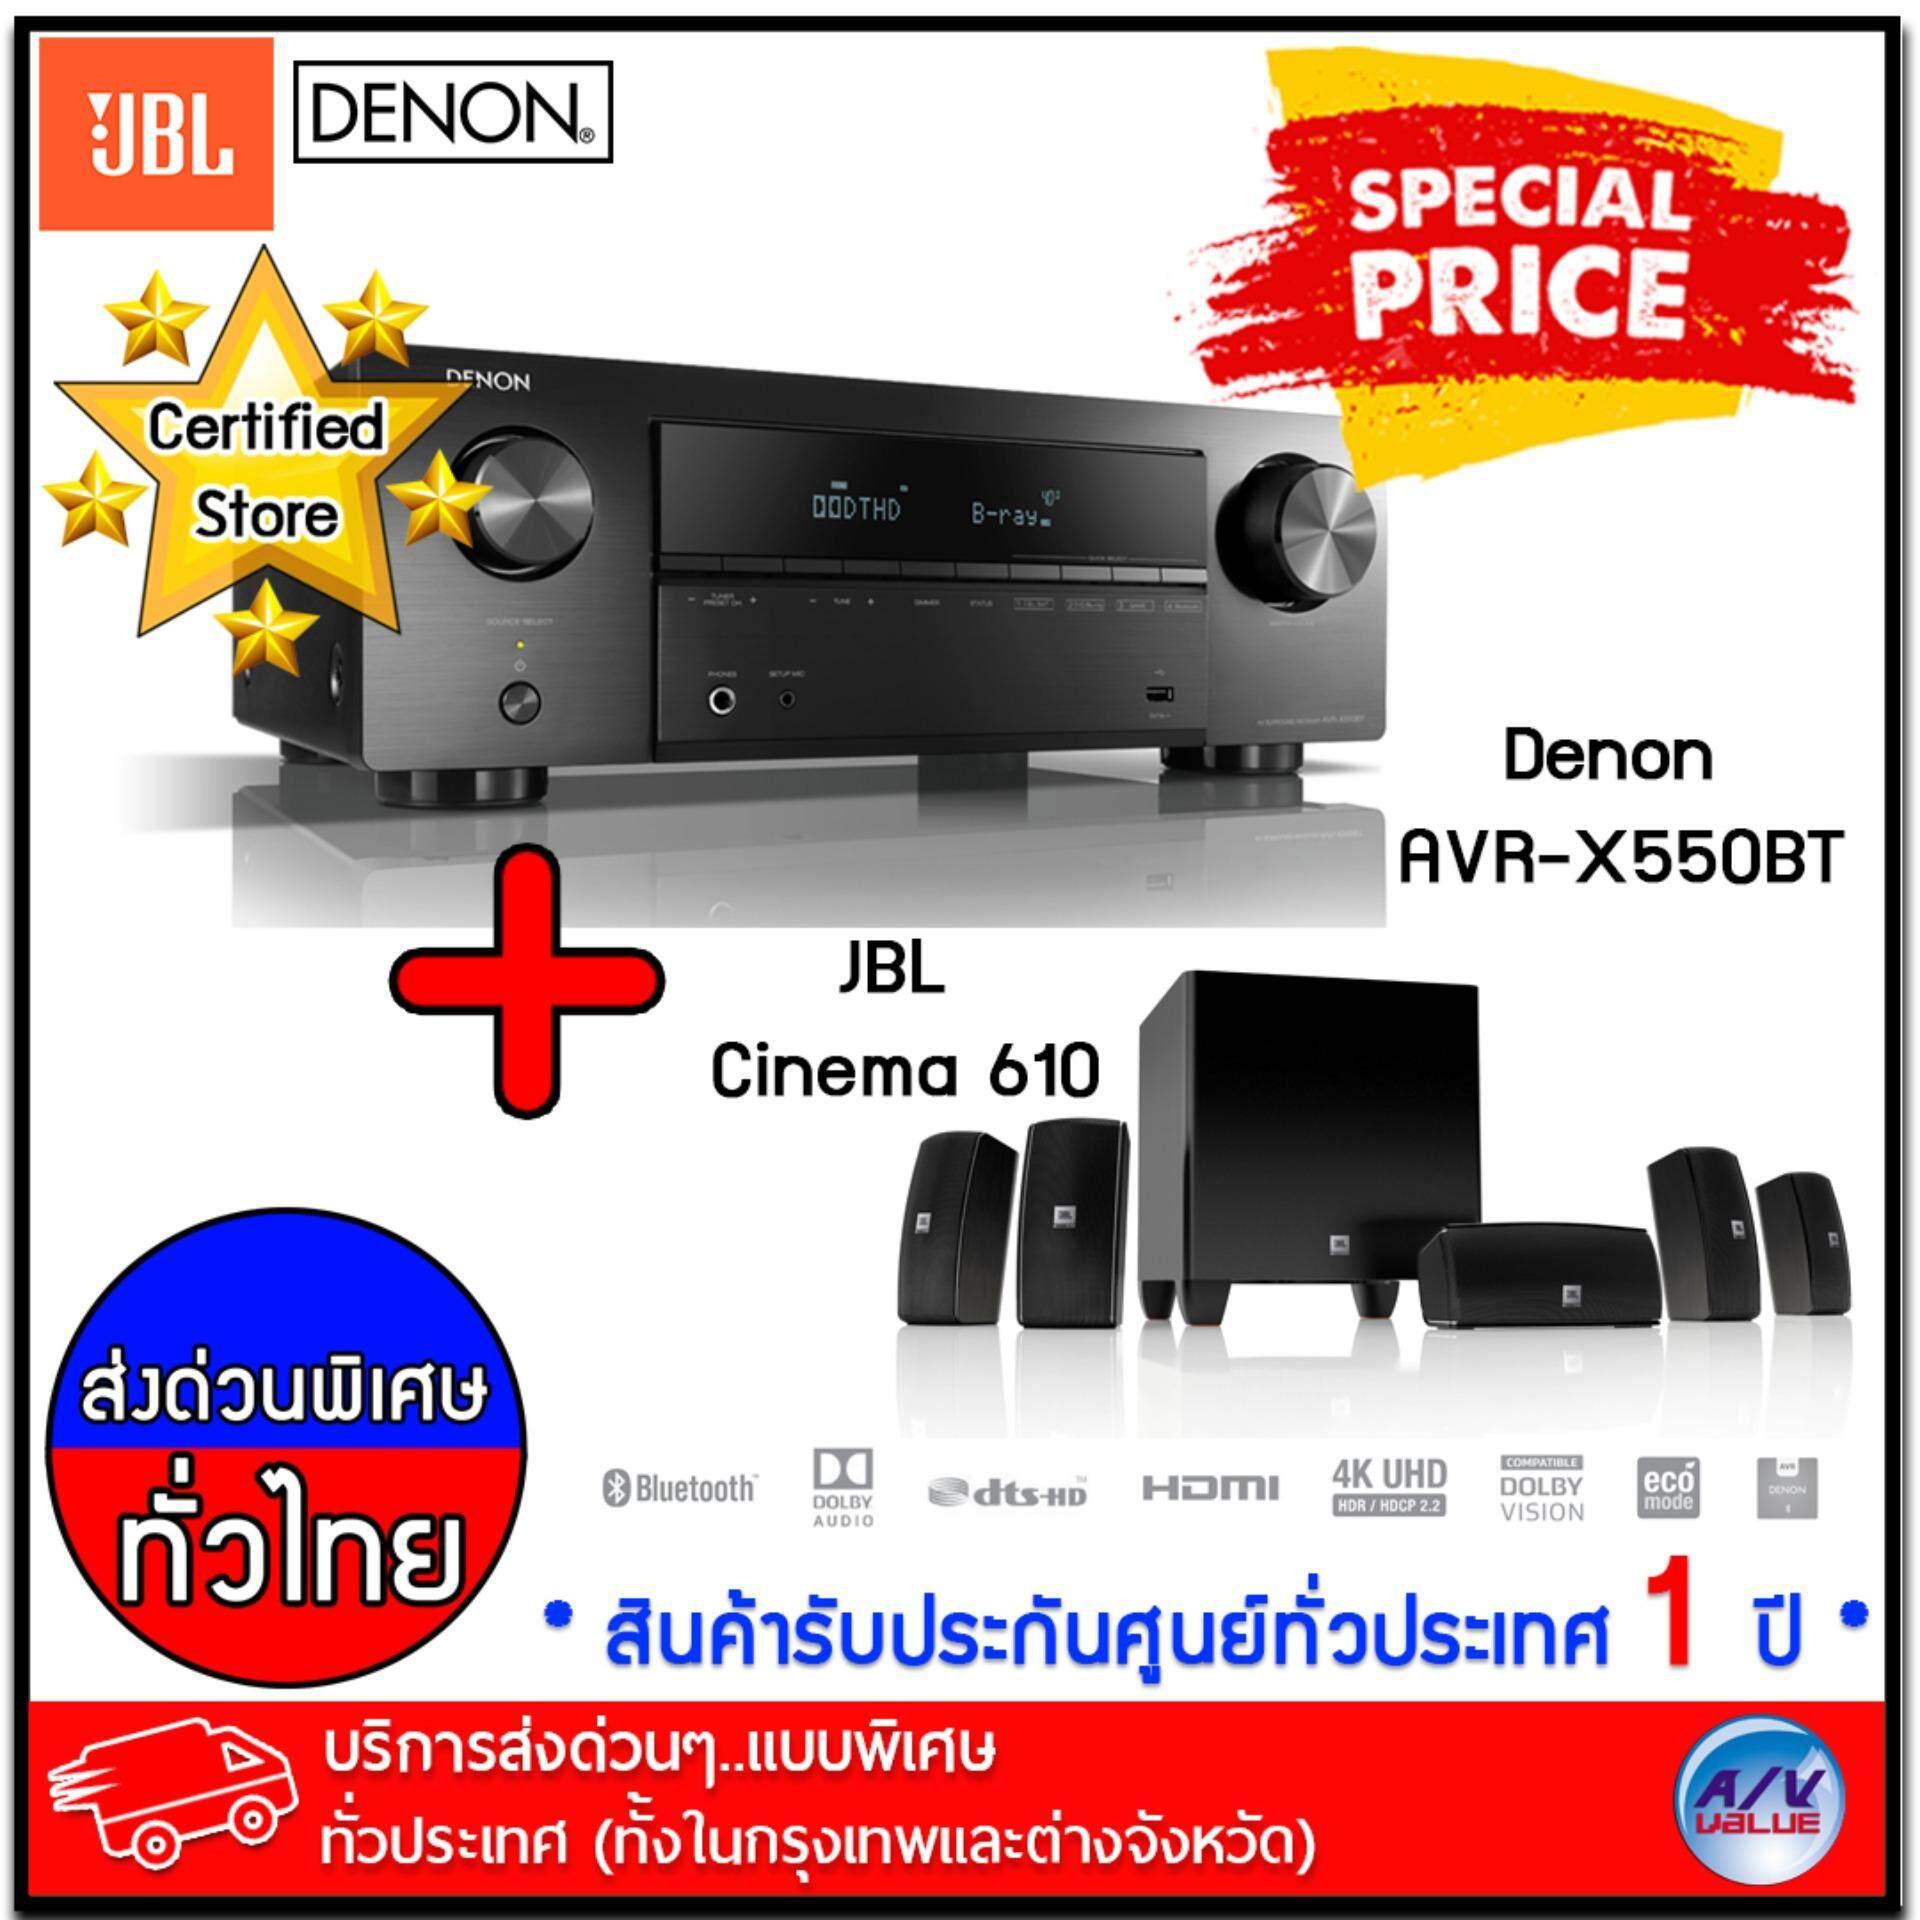 ยี่ห้อนี้ดีไหม  อำนาจเจริญ Denon AVR-X550BT 5.2 Channel +  JBL CINEMA 610  Advanced 5.1 speaker system *** บริการส่งด่วนแบบพิเศษ!ทั่วประเทศ (ทั้งในกรุงเทพและต่างจังหวัด)***